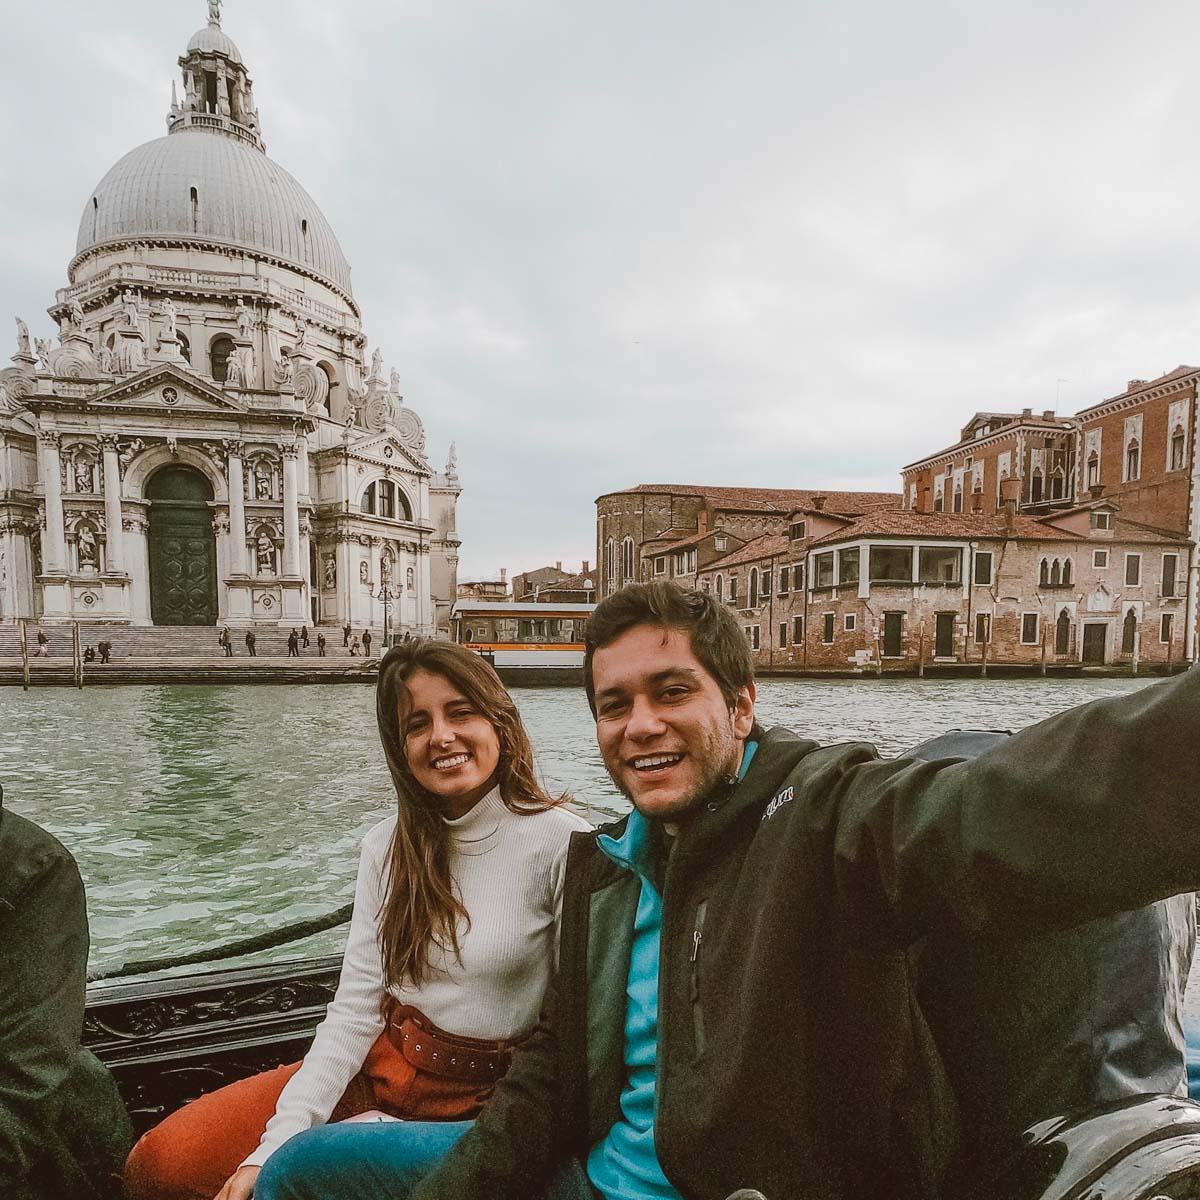 Roteiro Itália 7 dias: Milão, Veneza, Florença, Siena (+ cidades da Toscana!)